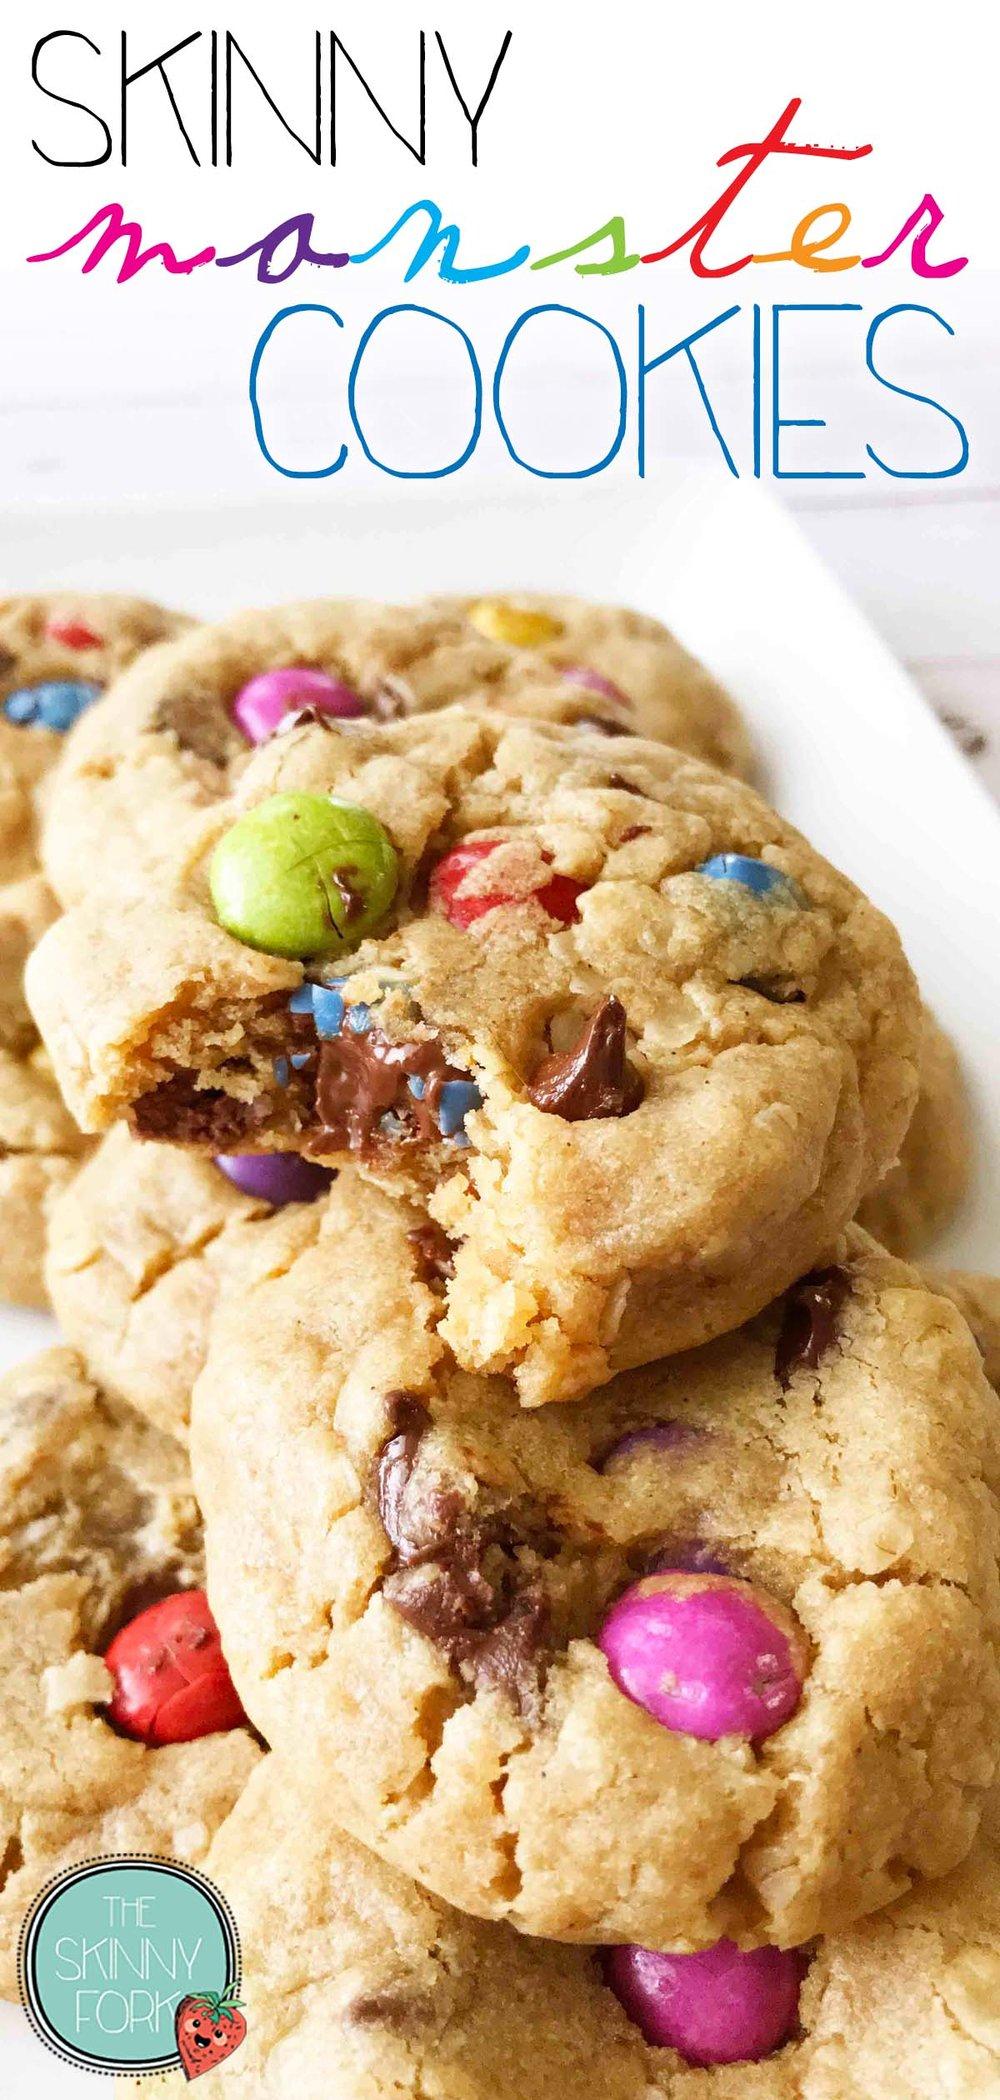 skinny-monster-cookies-pin.jpg